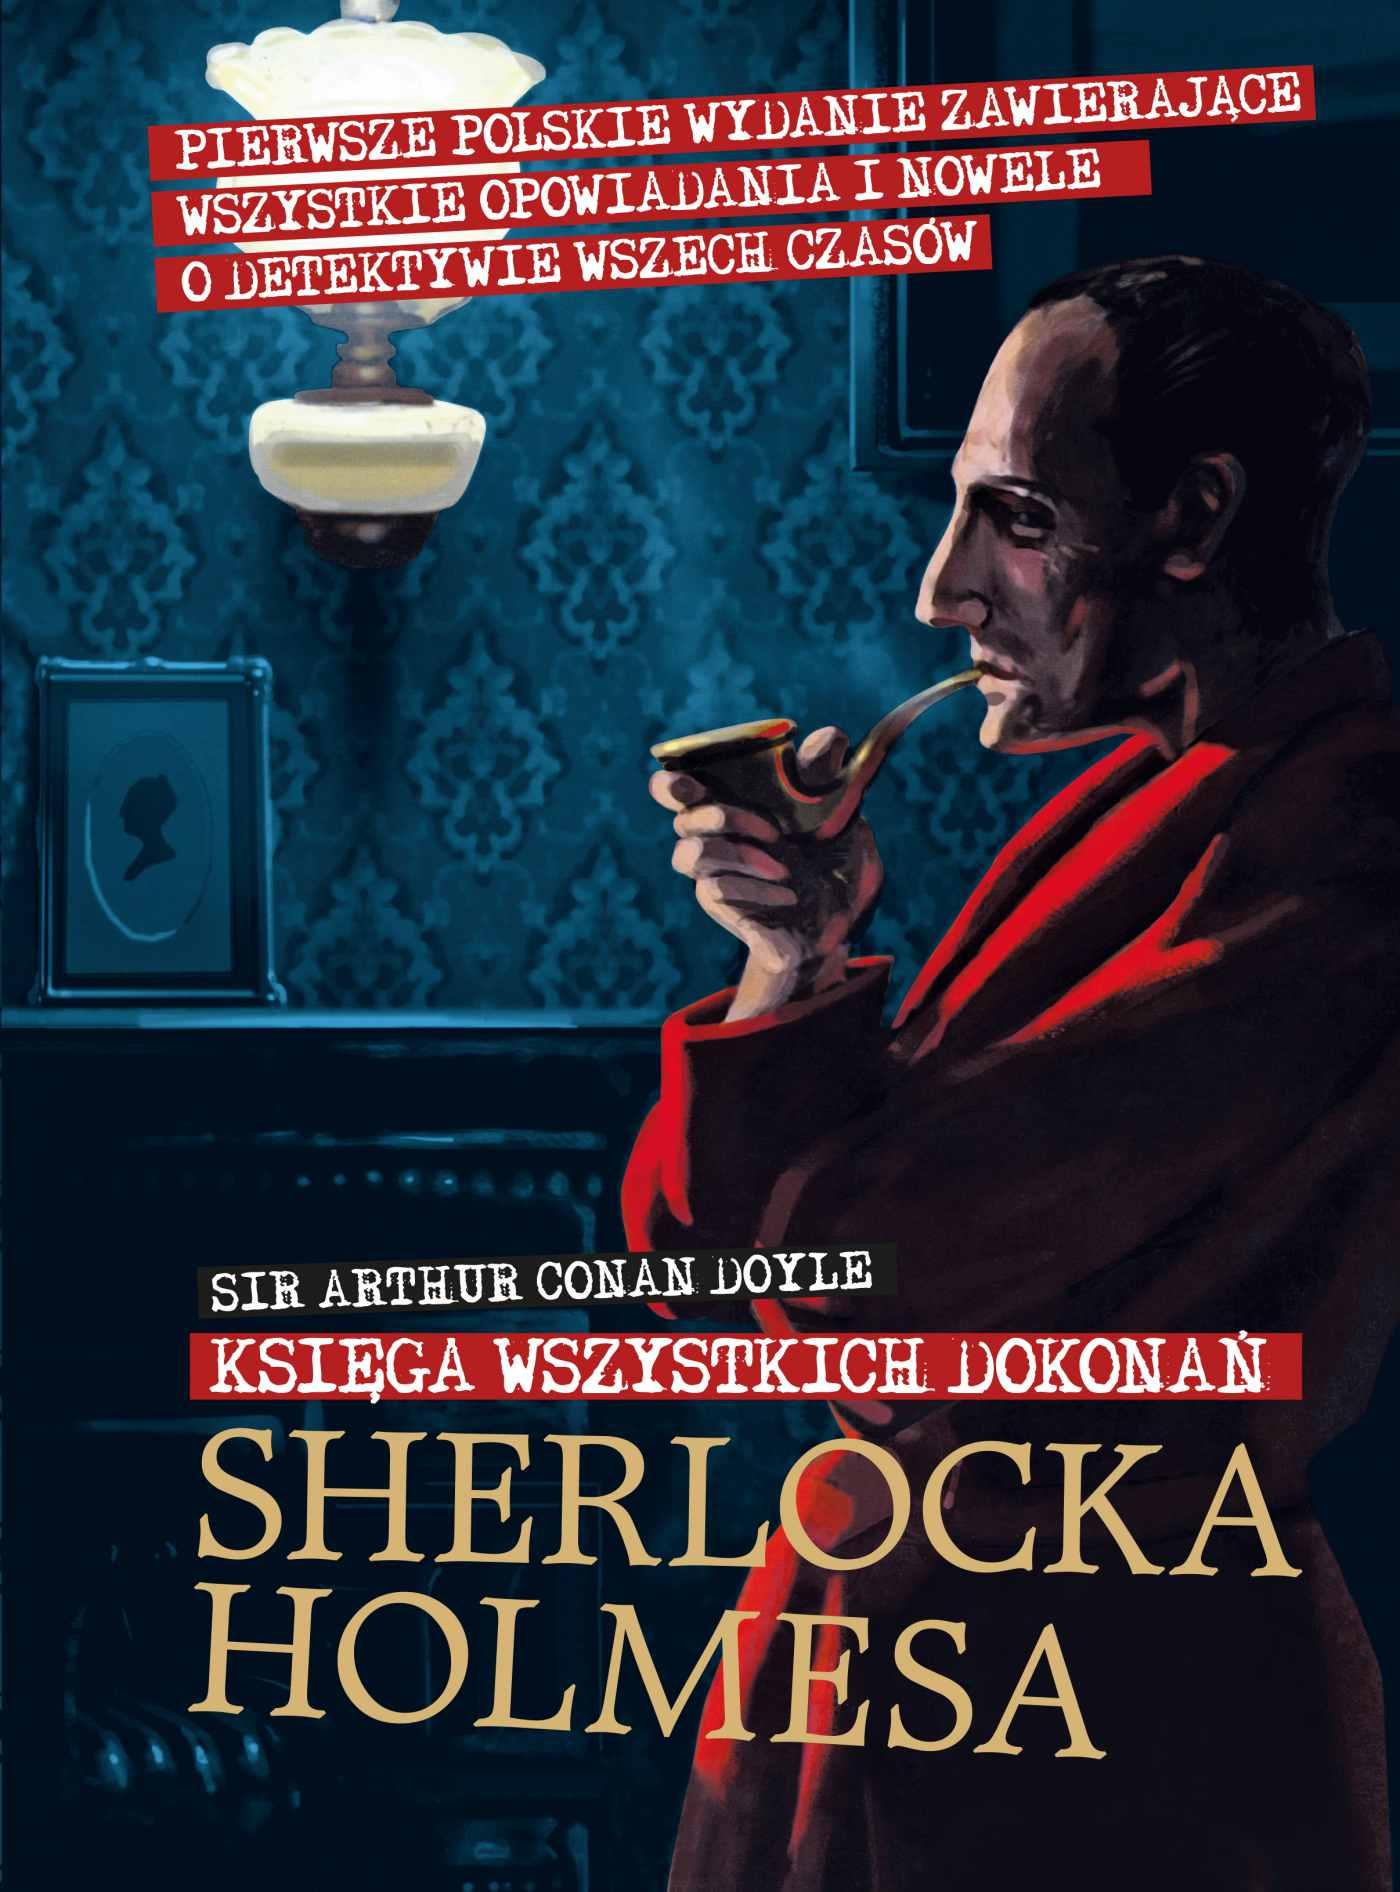 Księga wszystkich dokonań Sherlocka Holmesa - Ebook (Książka EPUB) do pobrania w formacie EPUB